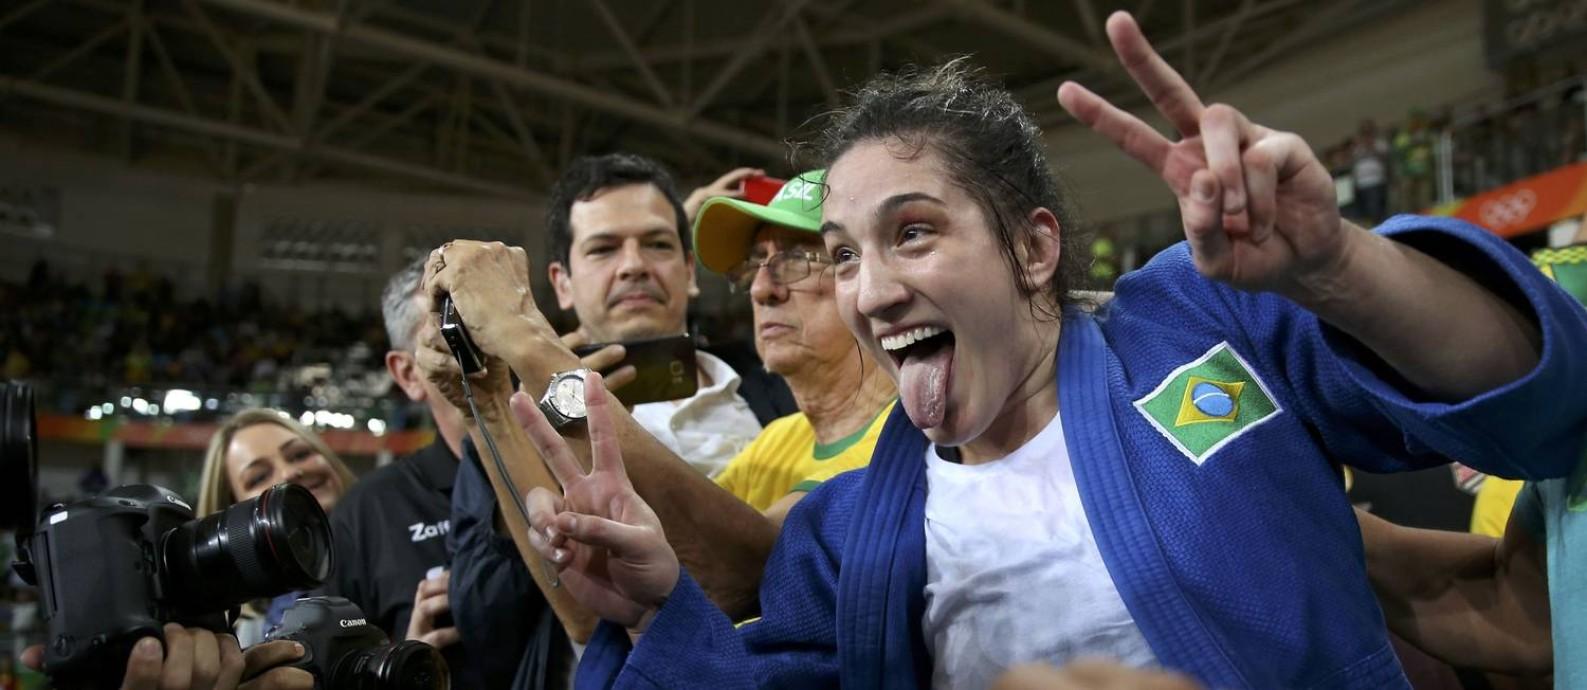 Com a vitória, o judô brasileiro chegou a sua 21ª medalha olímpica Foto: TORU HANAI / REUTERS